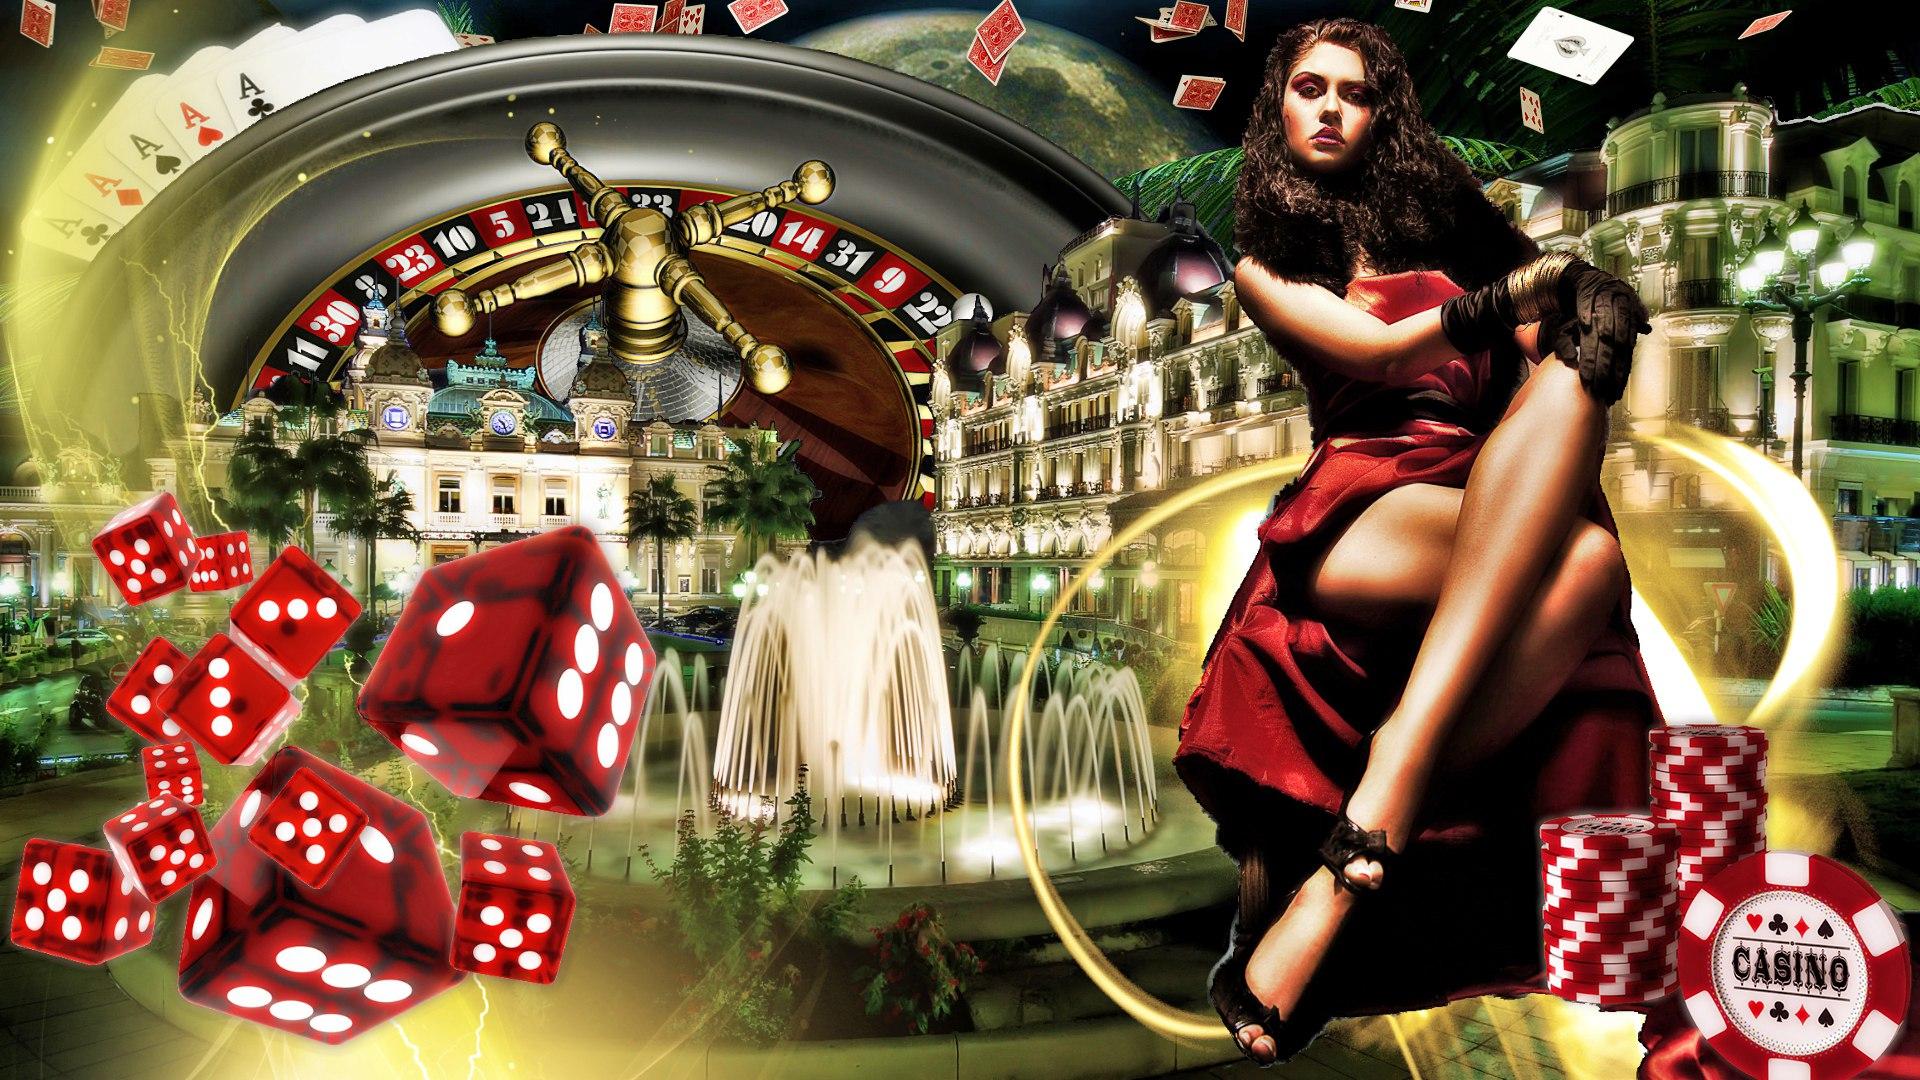 Разработка интернет-казино: внешний вид определяет все